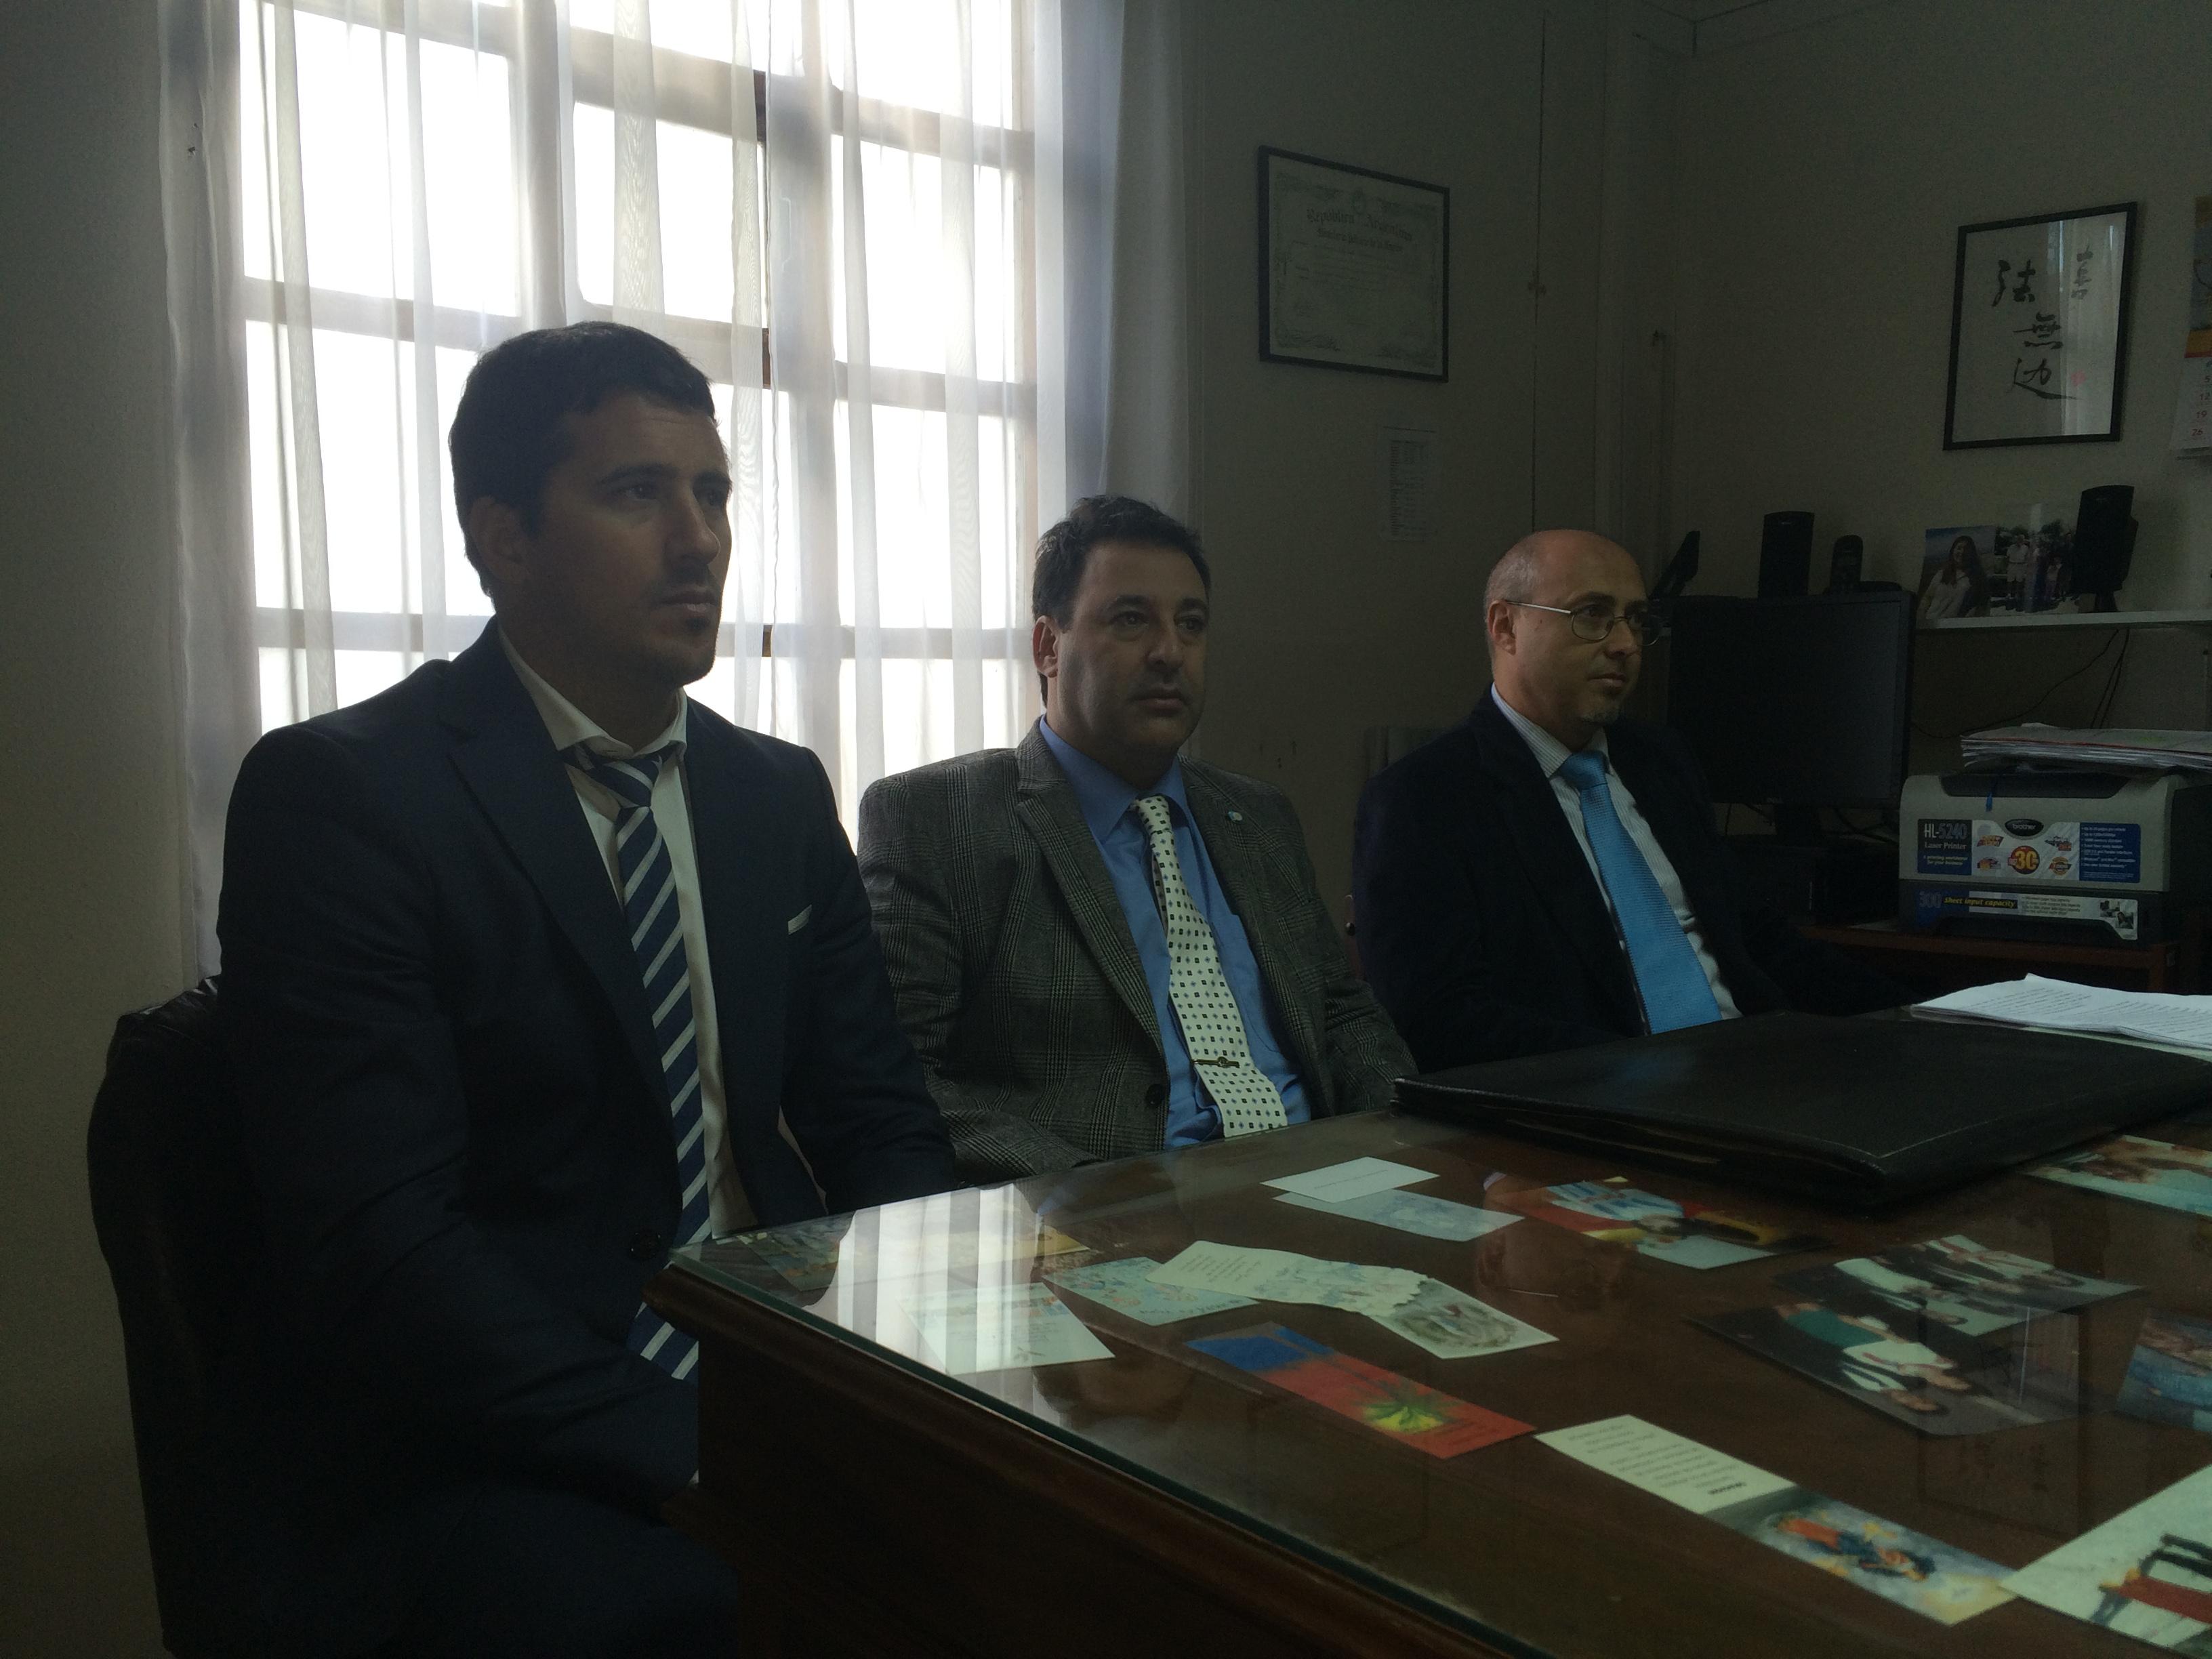 Los fiscales Gonella, Rapoport y García Lois explicaron la presentación durante una conferencia de prensa en la Fiscalía Federal de Río Grande. -